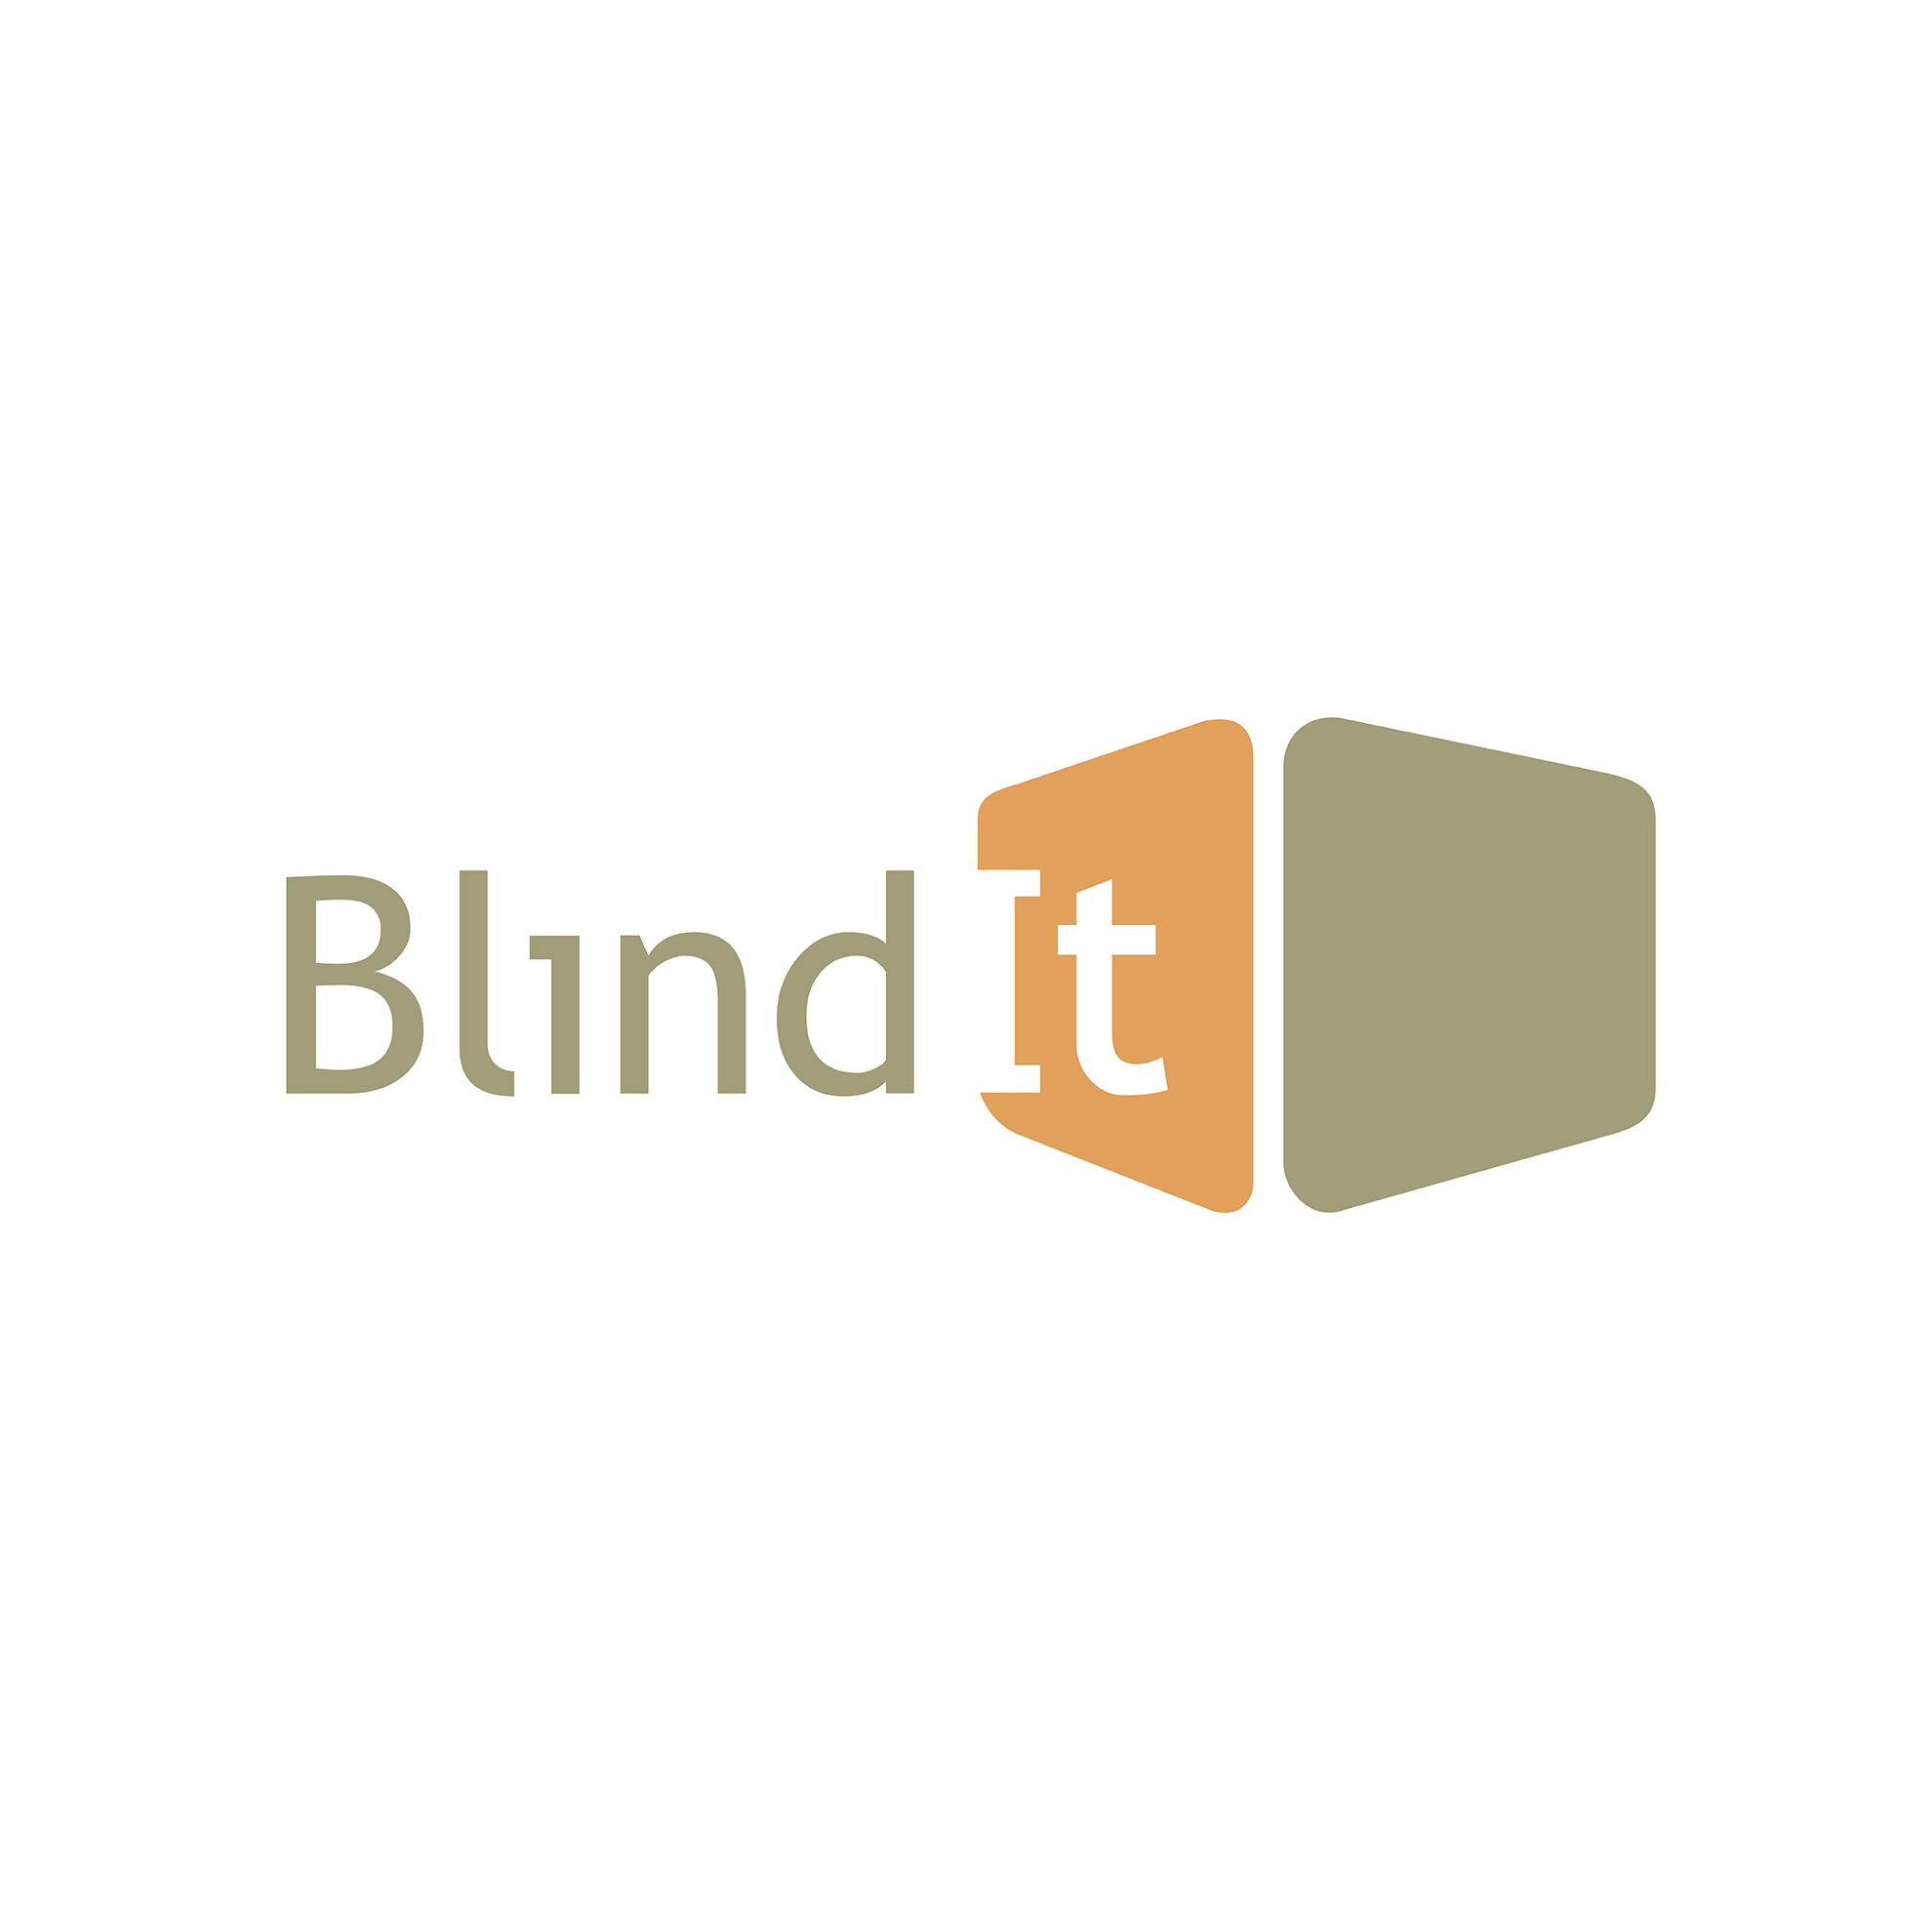 Blind It logo